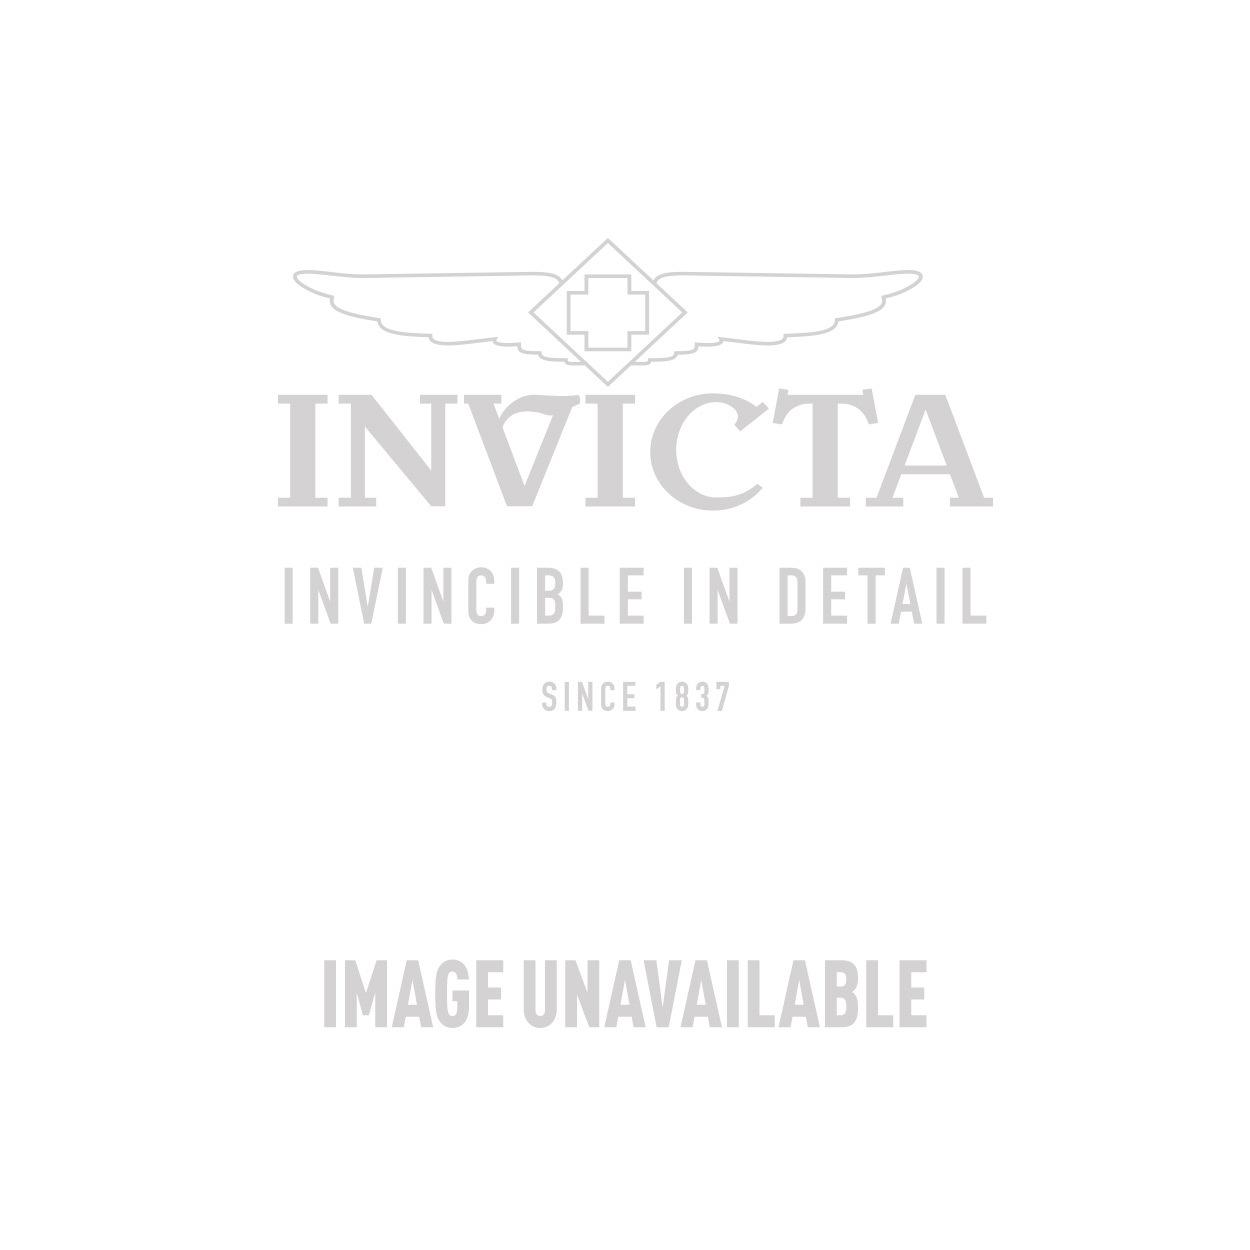 Invicta Model 29008